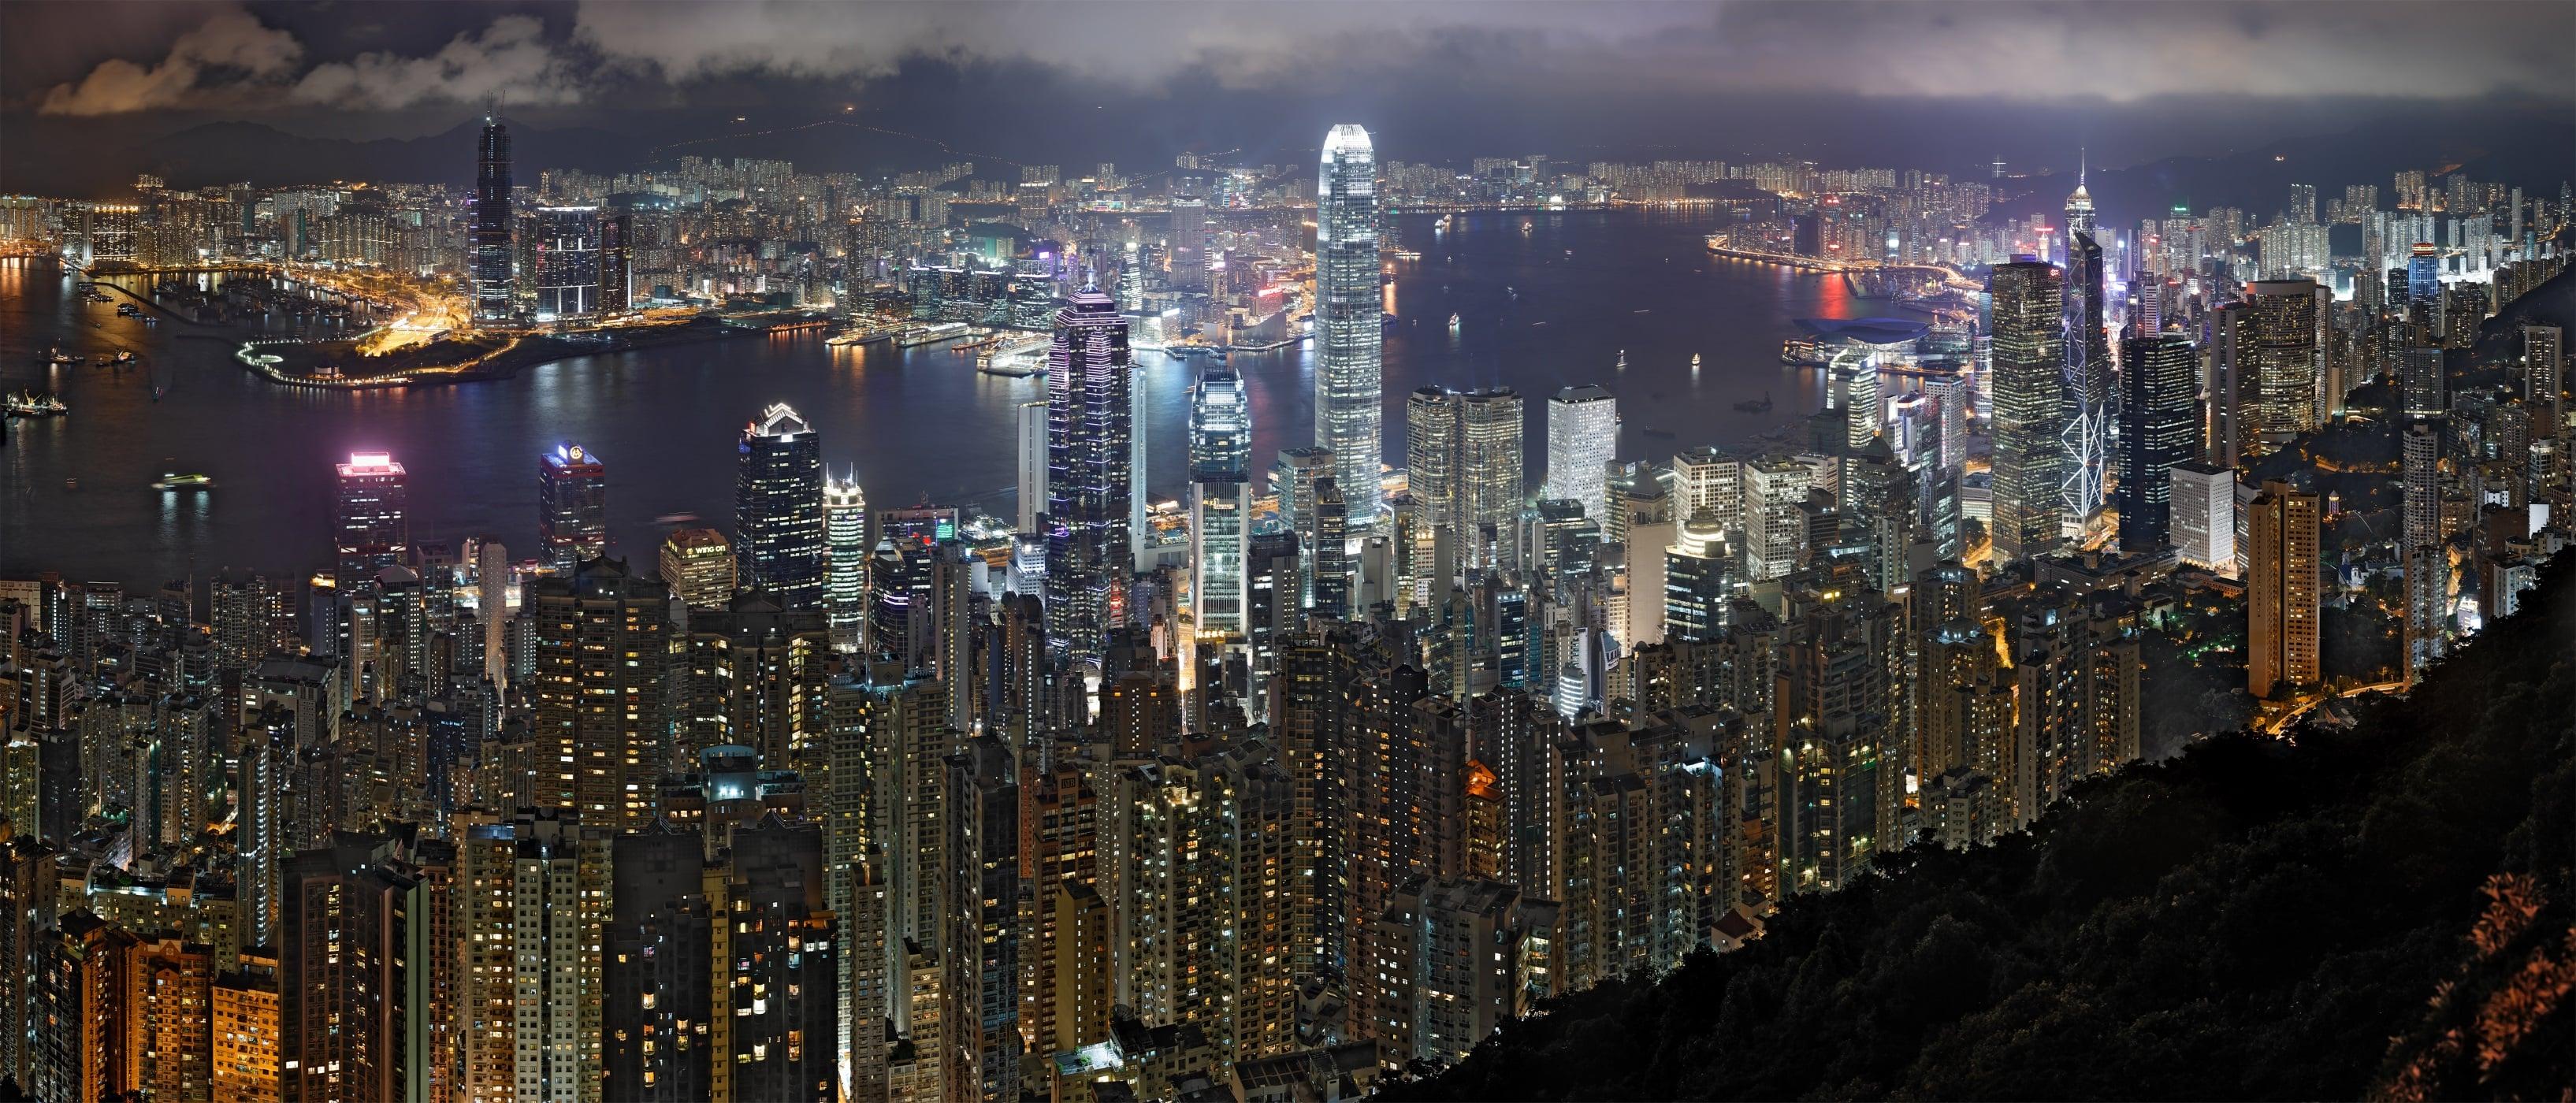 Hong Kong desktop wallpaper